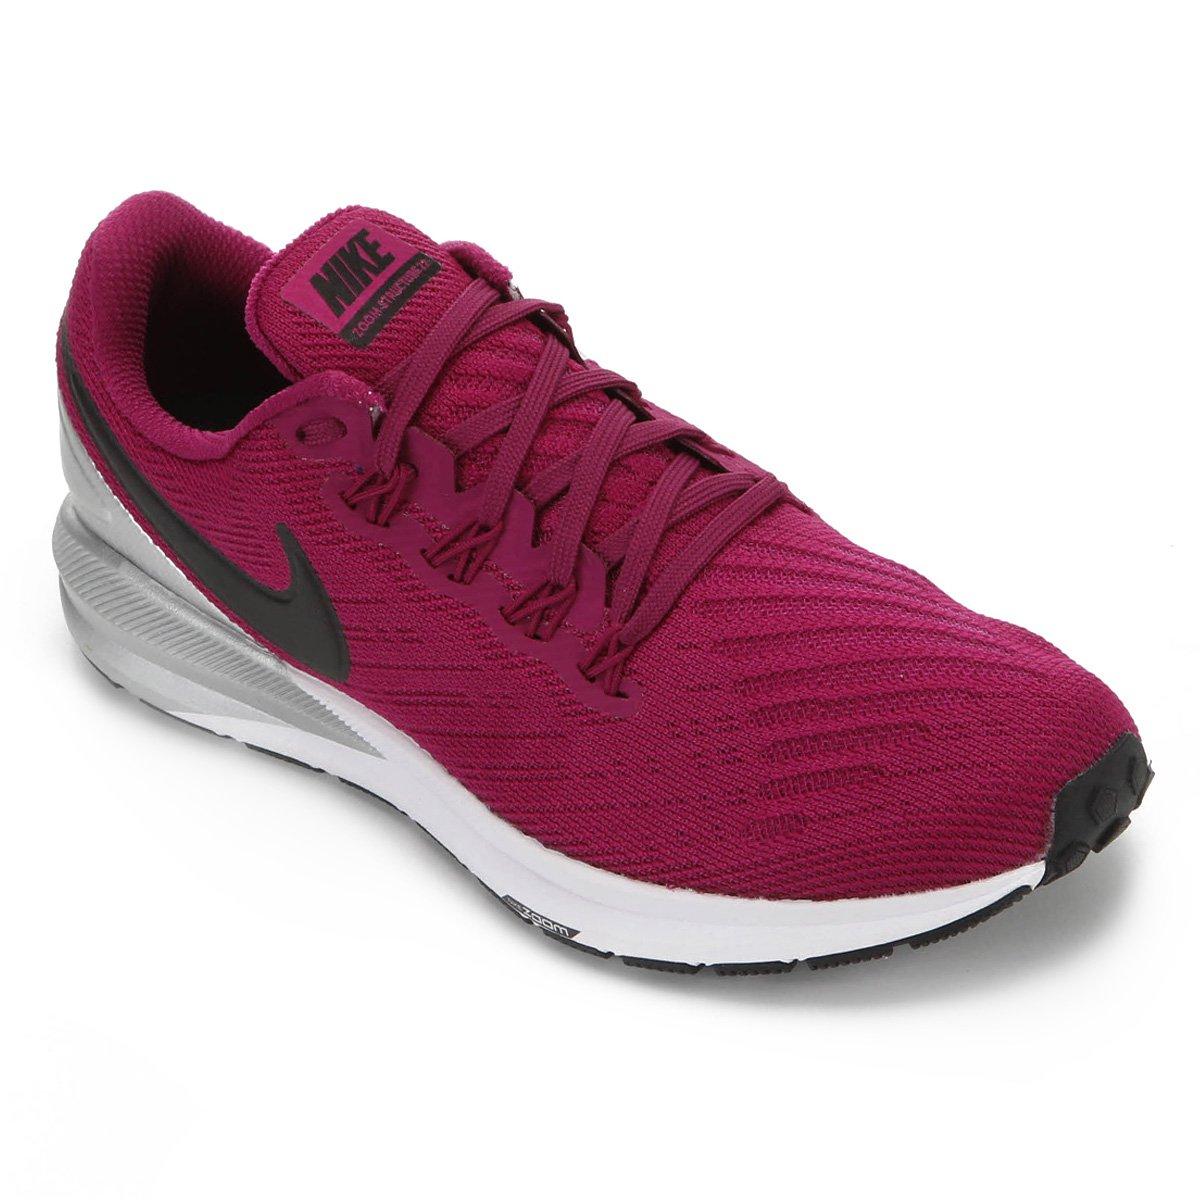 Tênis Nike Air Zoom Structure 22 Feminino Vinho E Prata